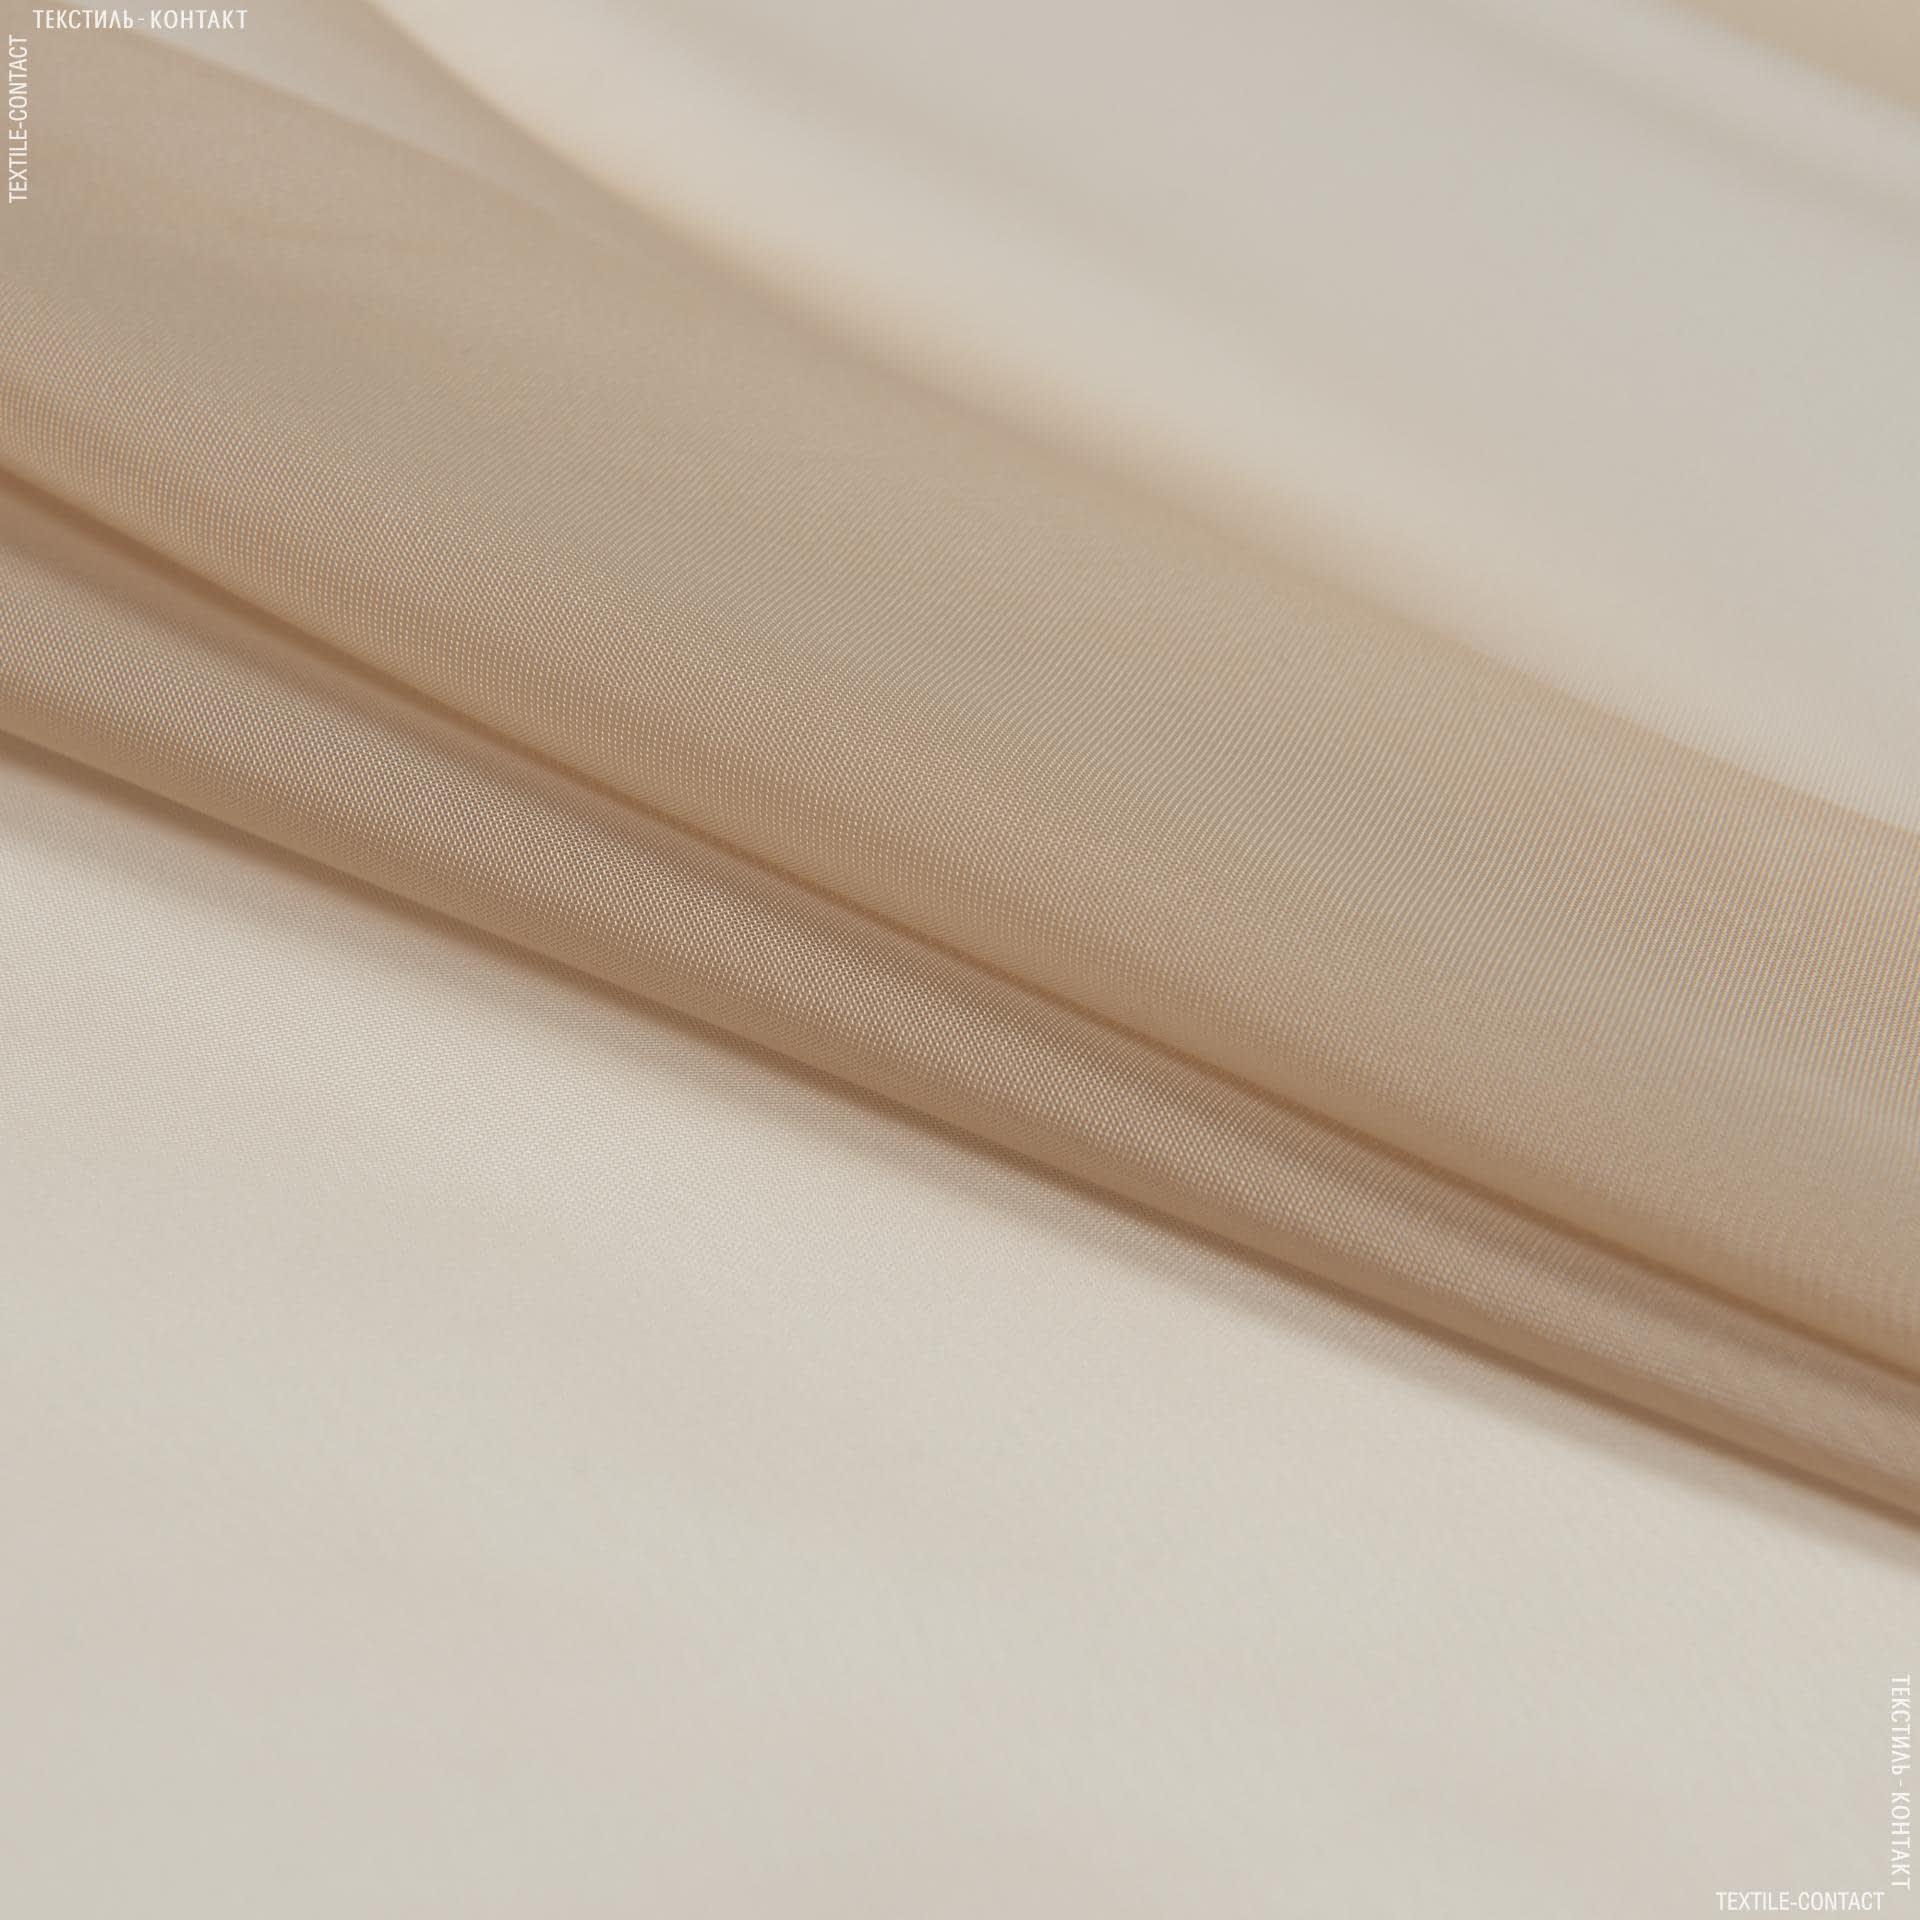 Ткани для драпировки стен и потолков - Тюль  вуаль т.беж